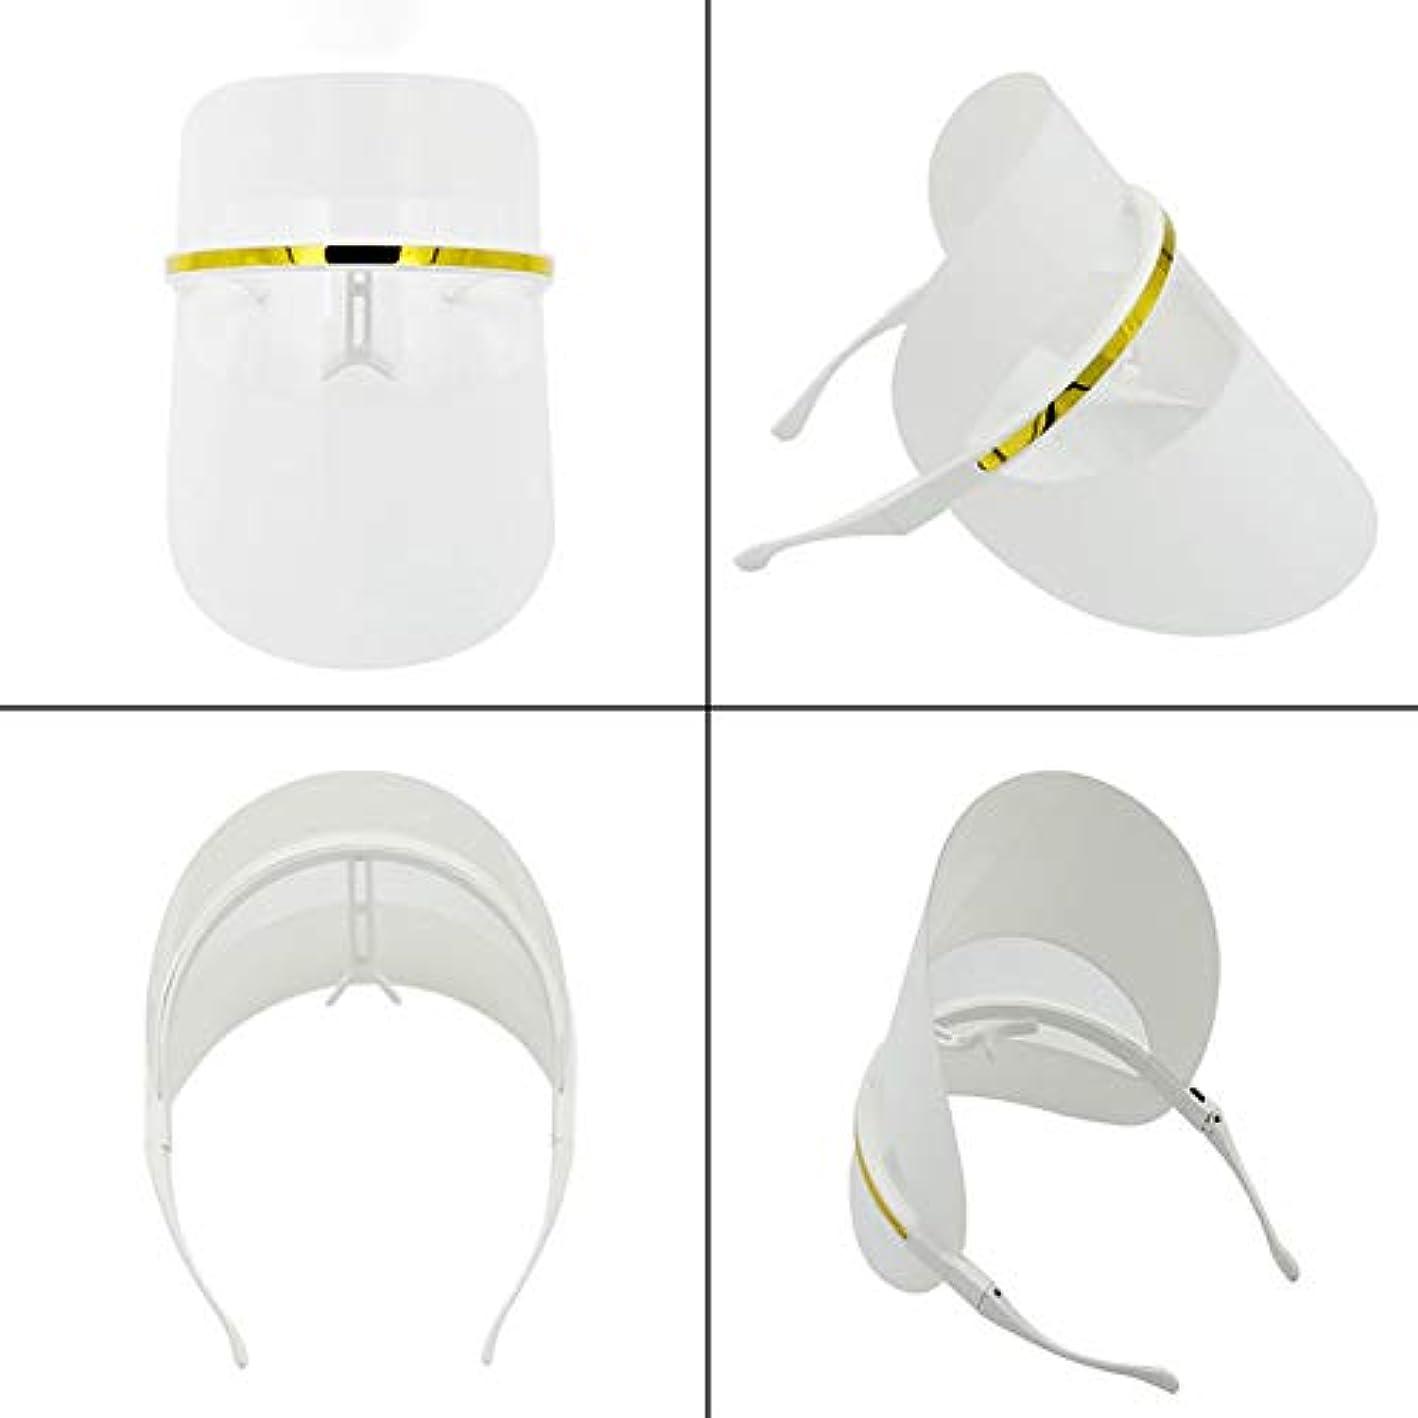 梨十二死ぬ7色LEDフェイスマスク、LEDフォトンビューティーマスク、健康的な肌の若返りのためのフォトンレッドライトセラピー、コラーゲン、アンチエイジング、しわ、瘢痕